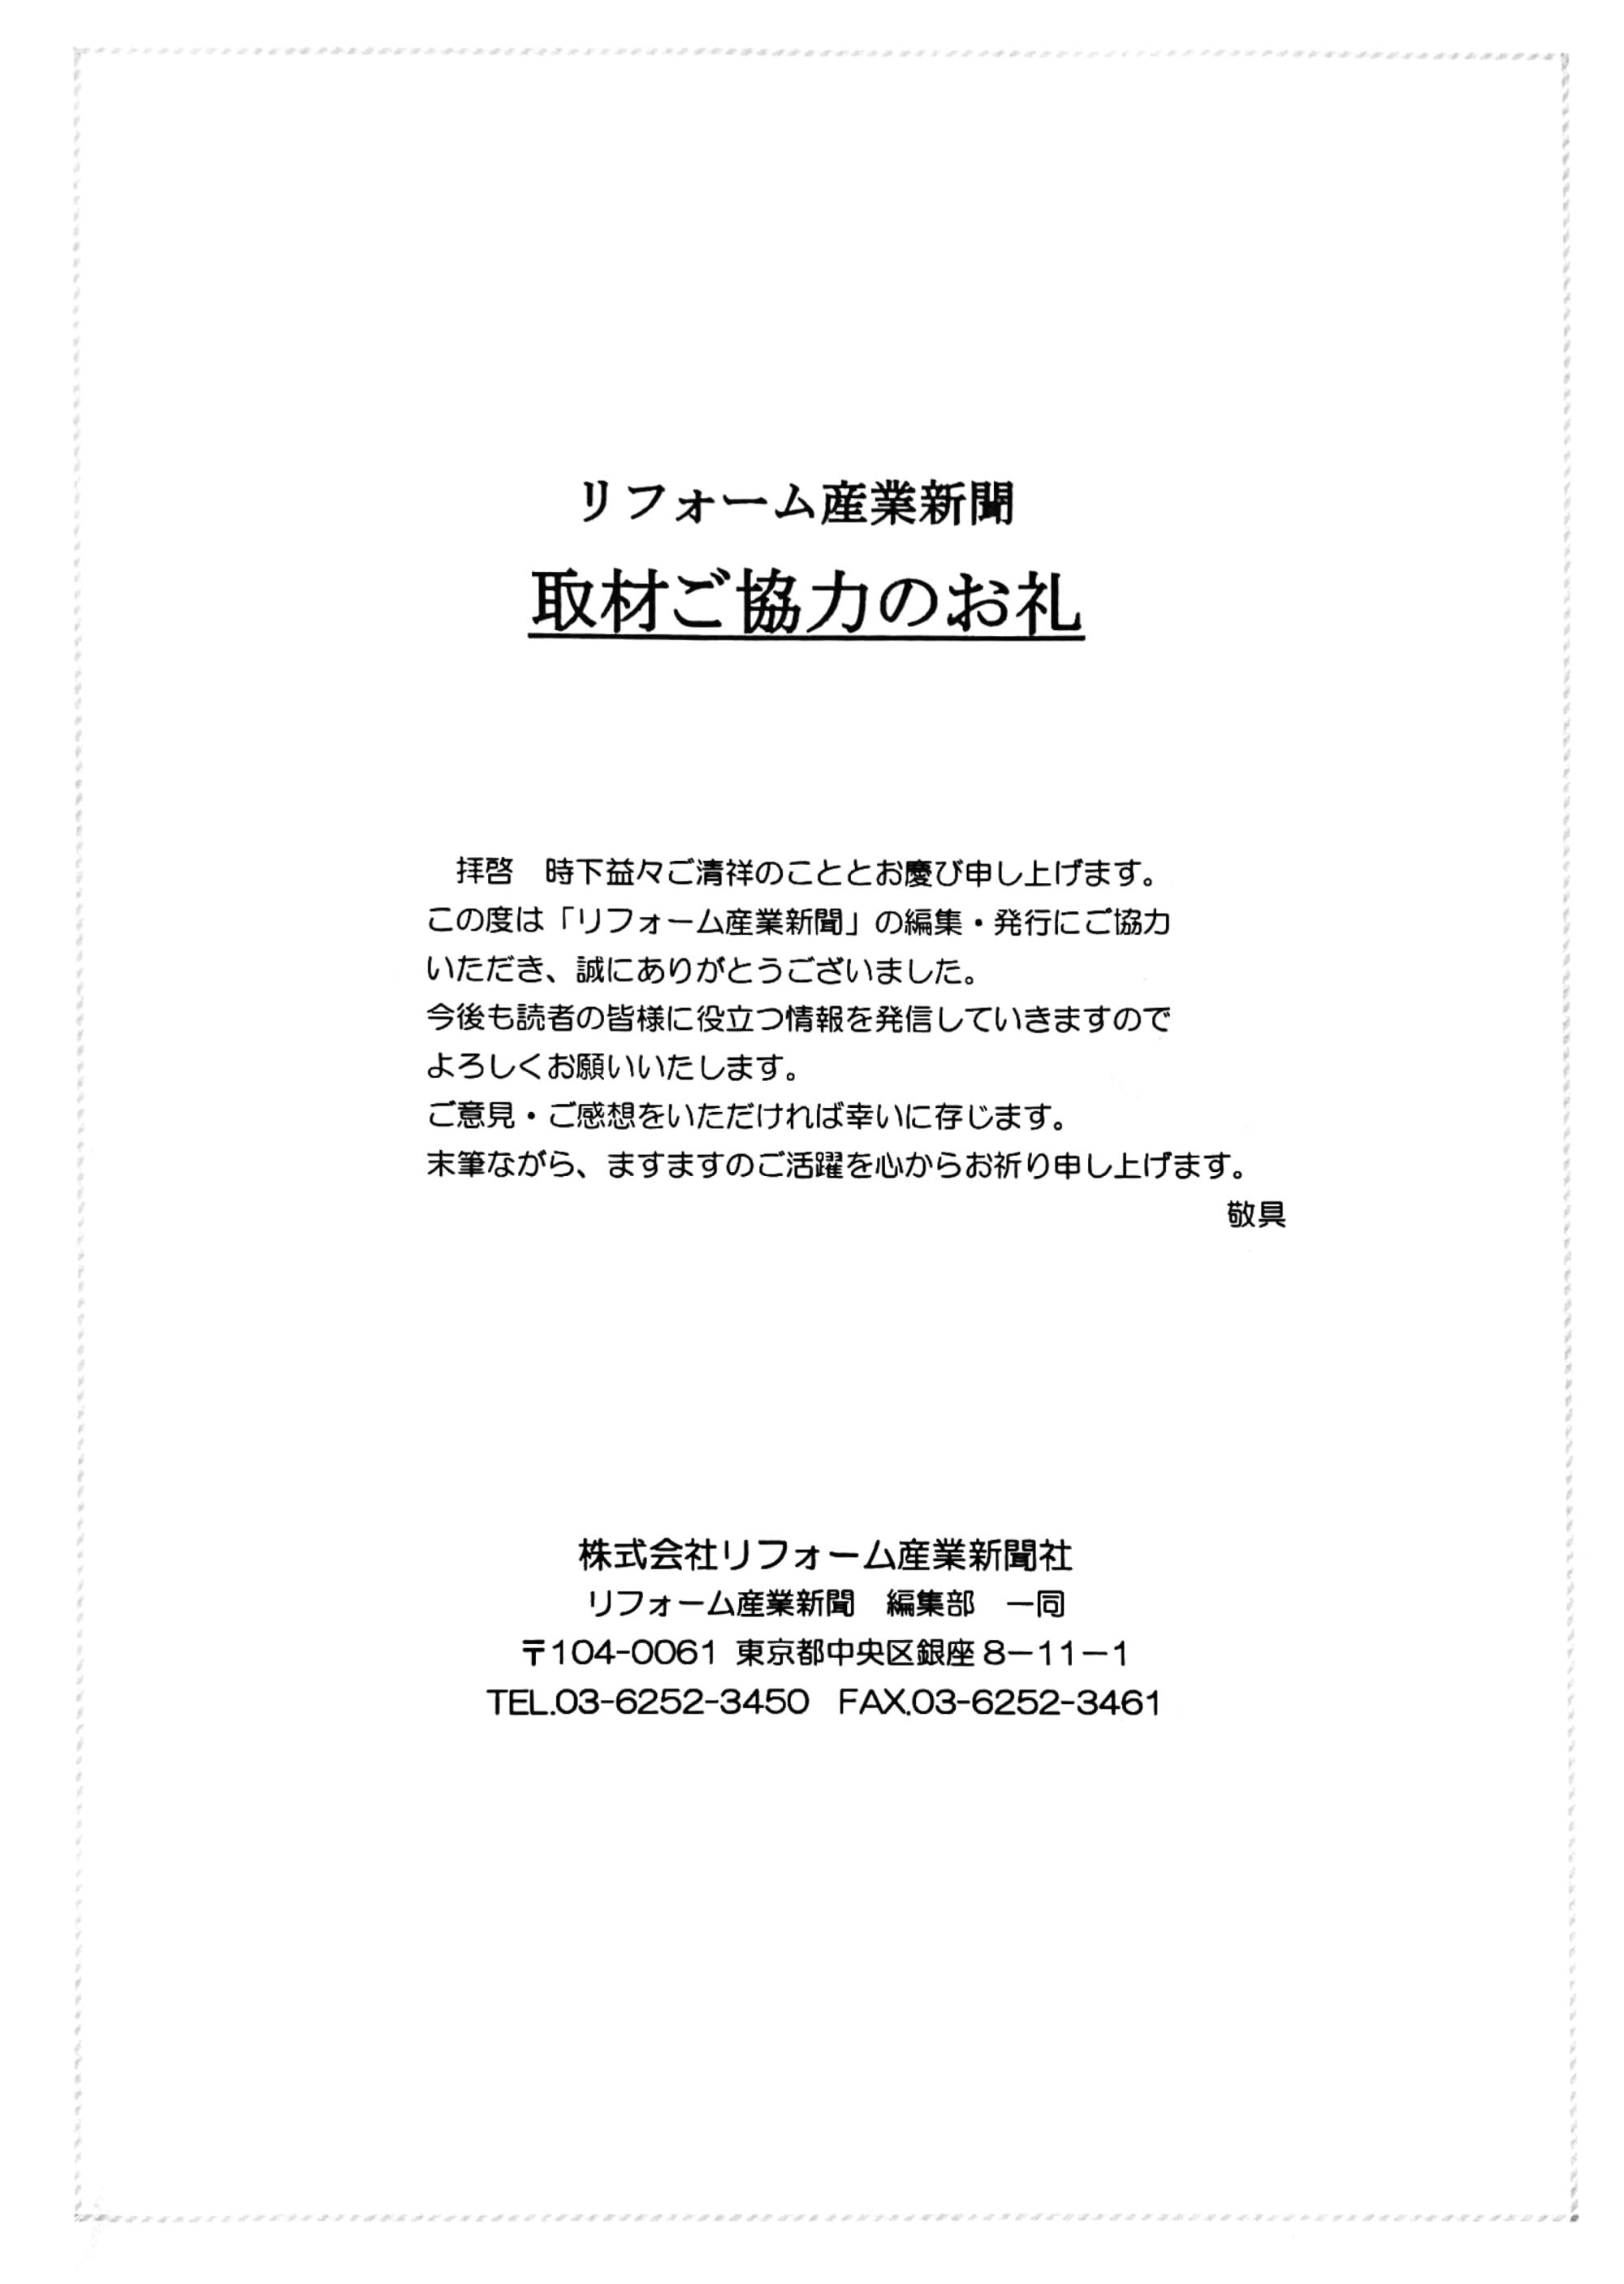 【掲載】リフォーム産業新聞 4月26日